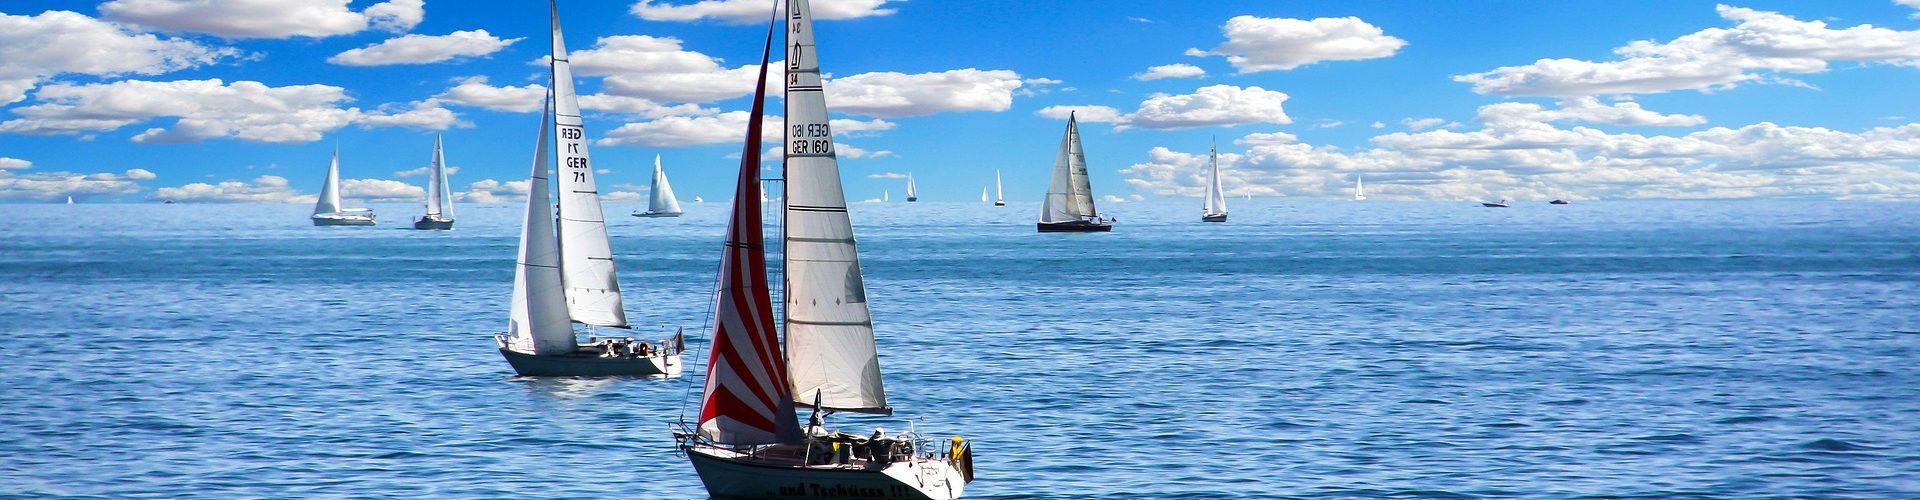 segeln lernen in Neuhaus an der Oste segelschein machen in Neuhaus an der Oste 1920x500 - Segeln lernen in Neuhaus an der Oste